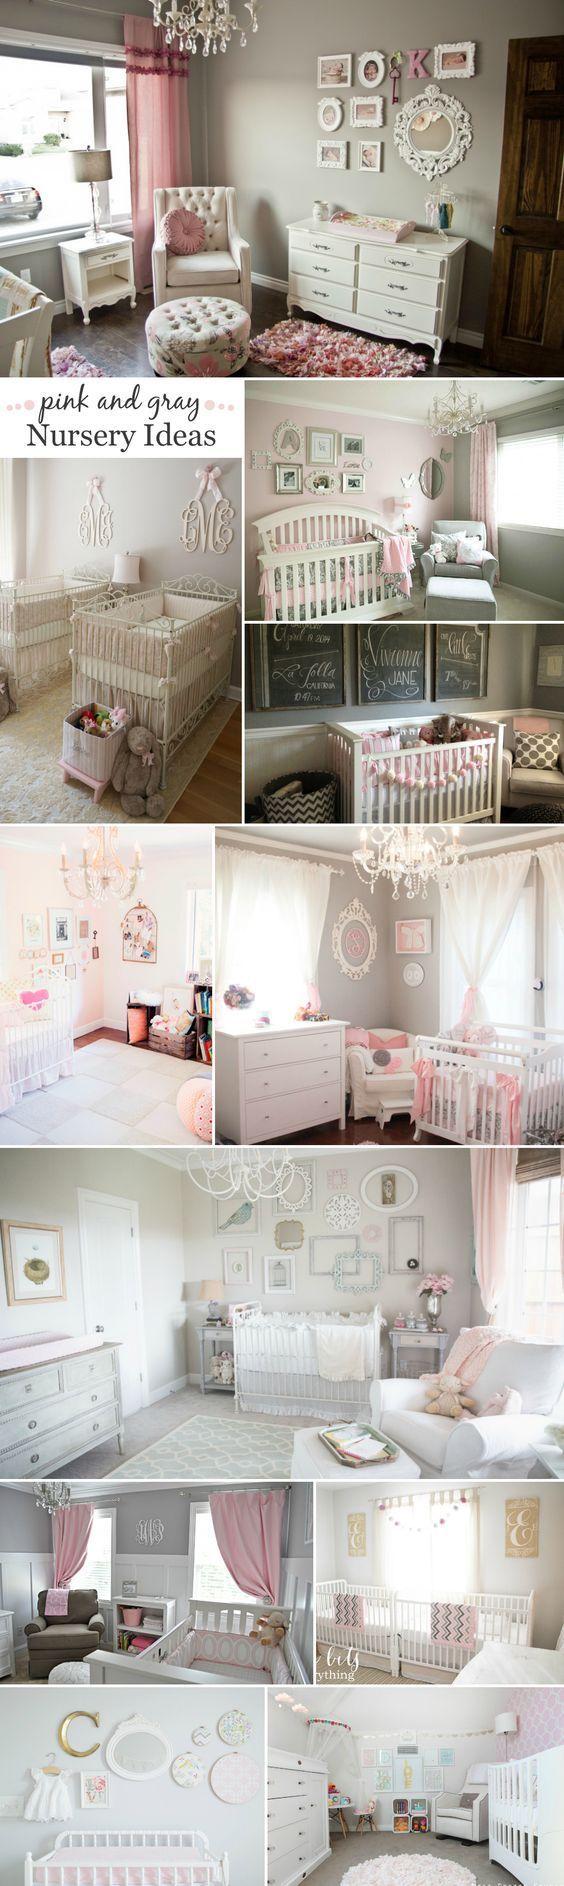 1000 ideas about pink nurseries on pinterest nurseries girl nurseries and project nursery. Black Bedroom Furniture Sets. Home Design Ideas